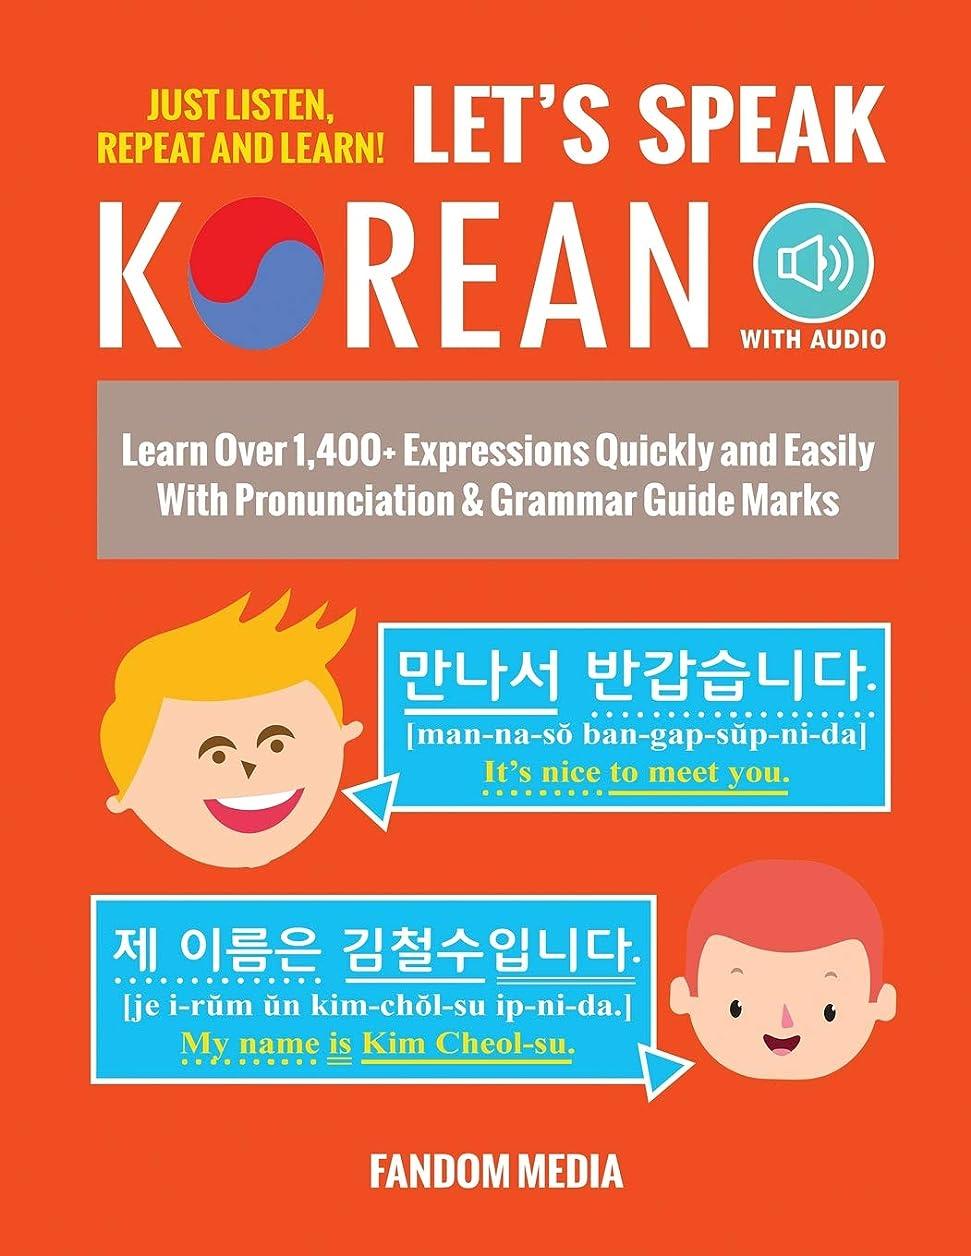 モネ思い出させる個性Let's Speak Korean: Learn Over 1,400+ Expressions Quickly and Easily With Pronunciation & Grammar Guide Marks - Just Listen, Repeat, and Learn!